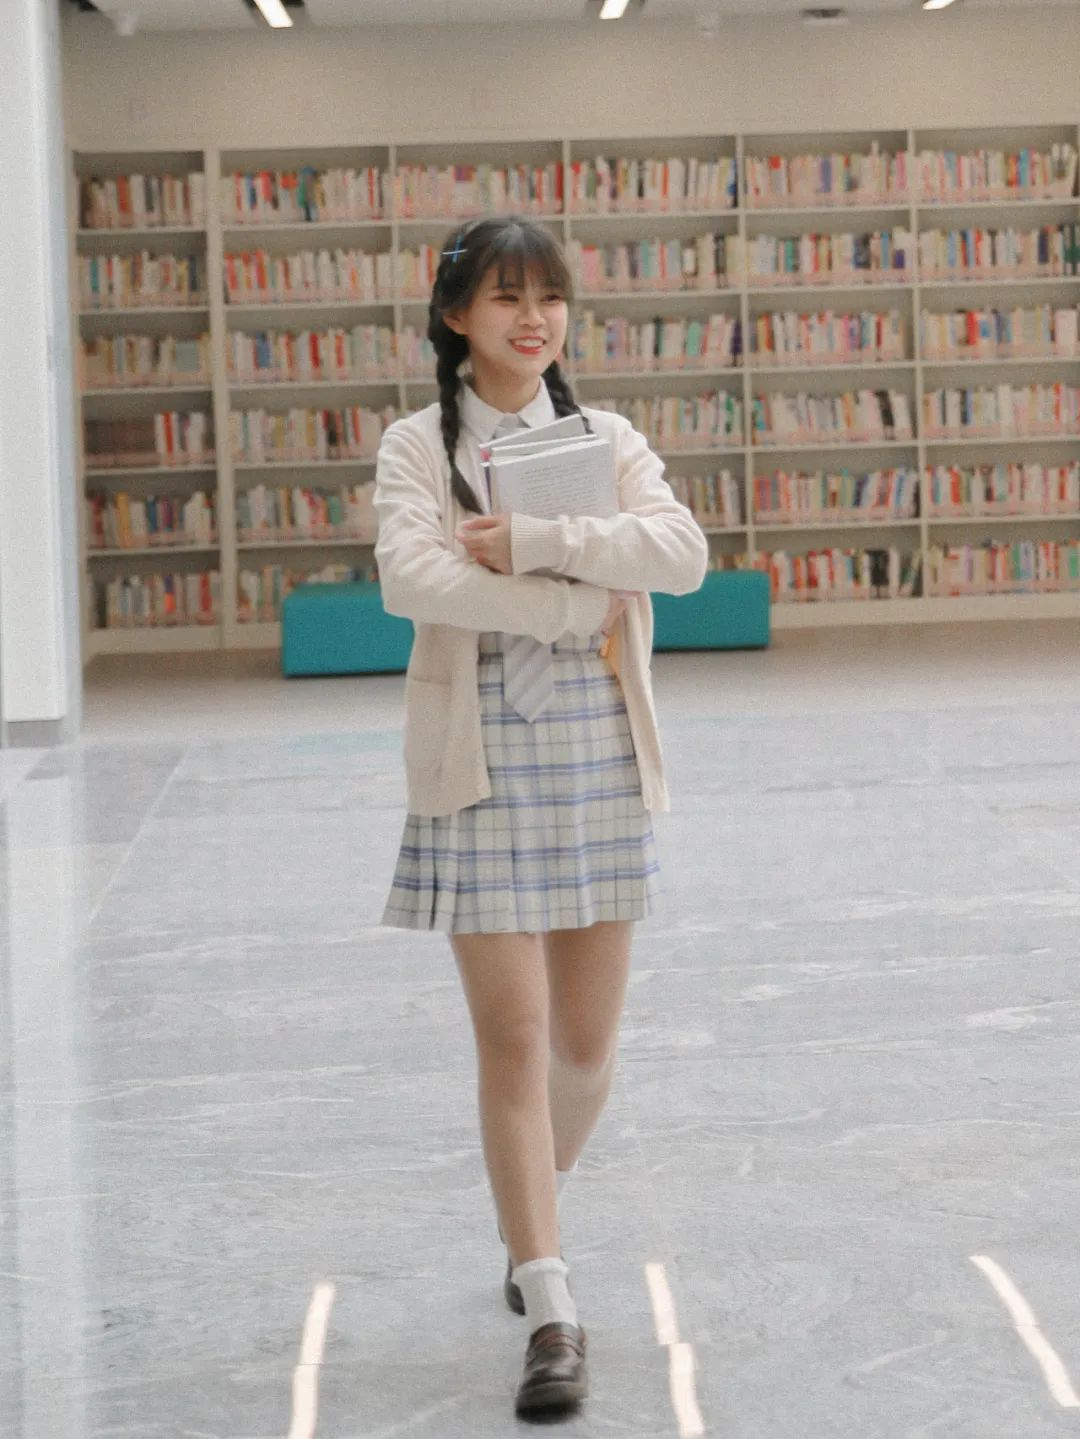 妹子摄影 – 图书馆里热爱学习的JK制服双马尾女孩_图片 No.4